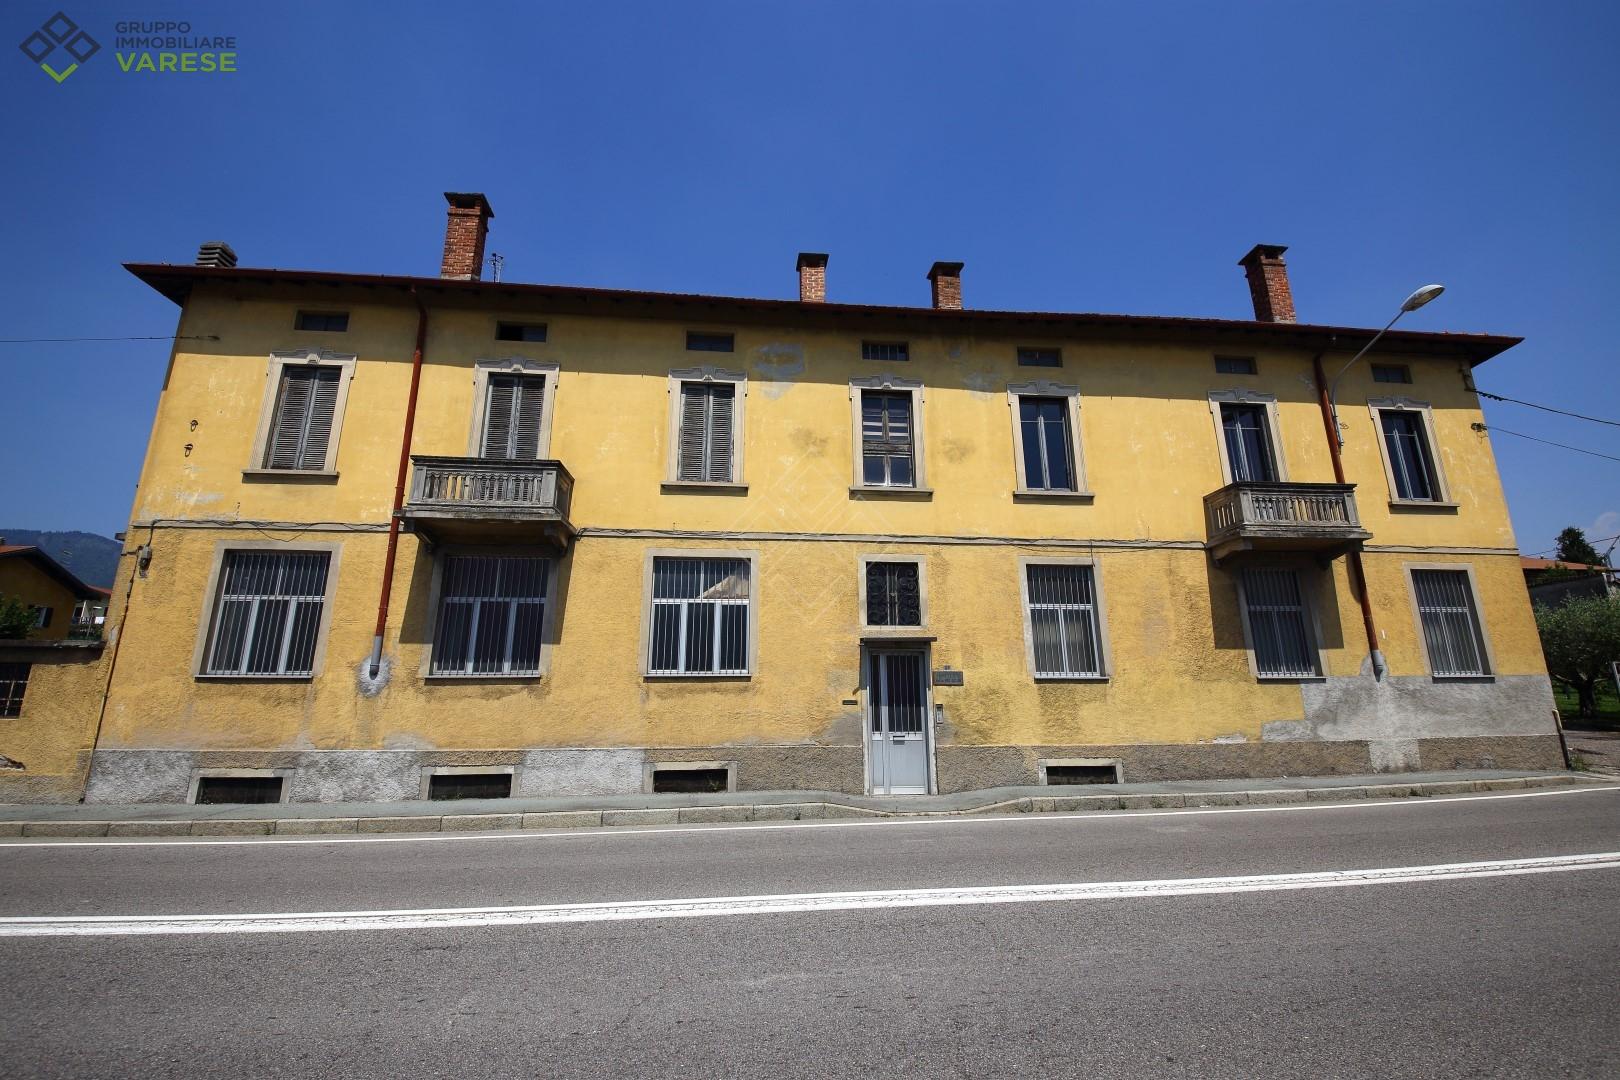 Laboratorio in vendita a Gavirate, 9999 locali, zona Località: OltronaalLago, prezzo € 690.000 | CambioCasa.it